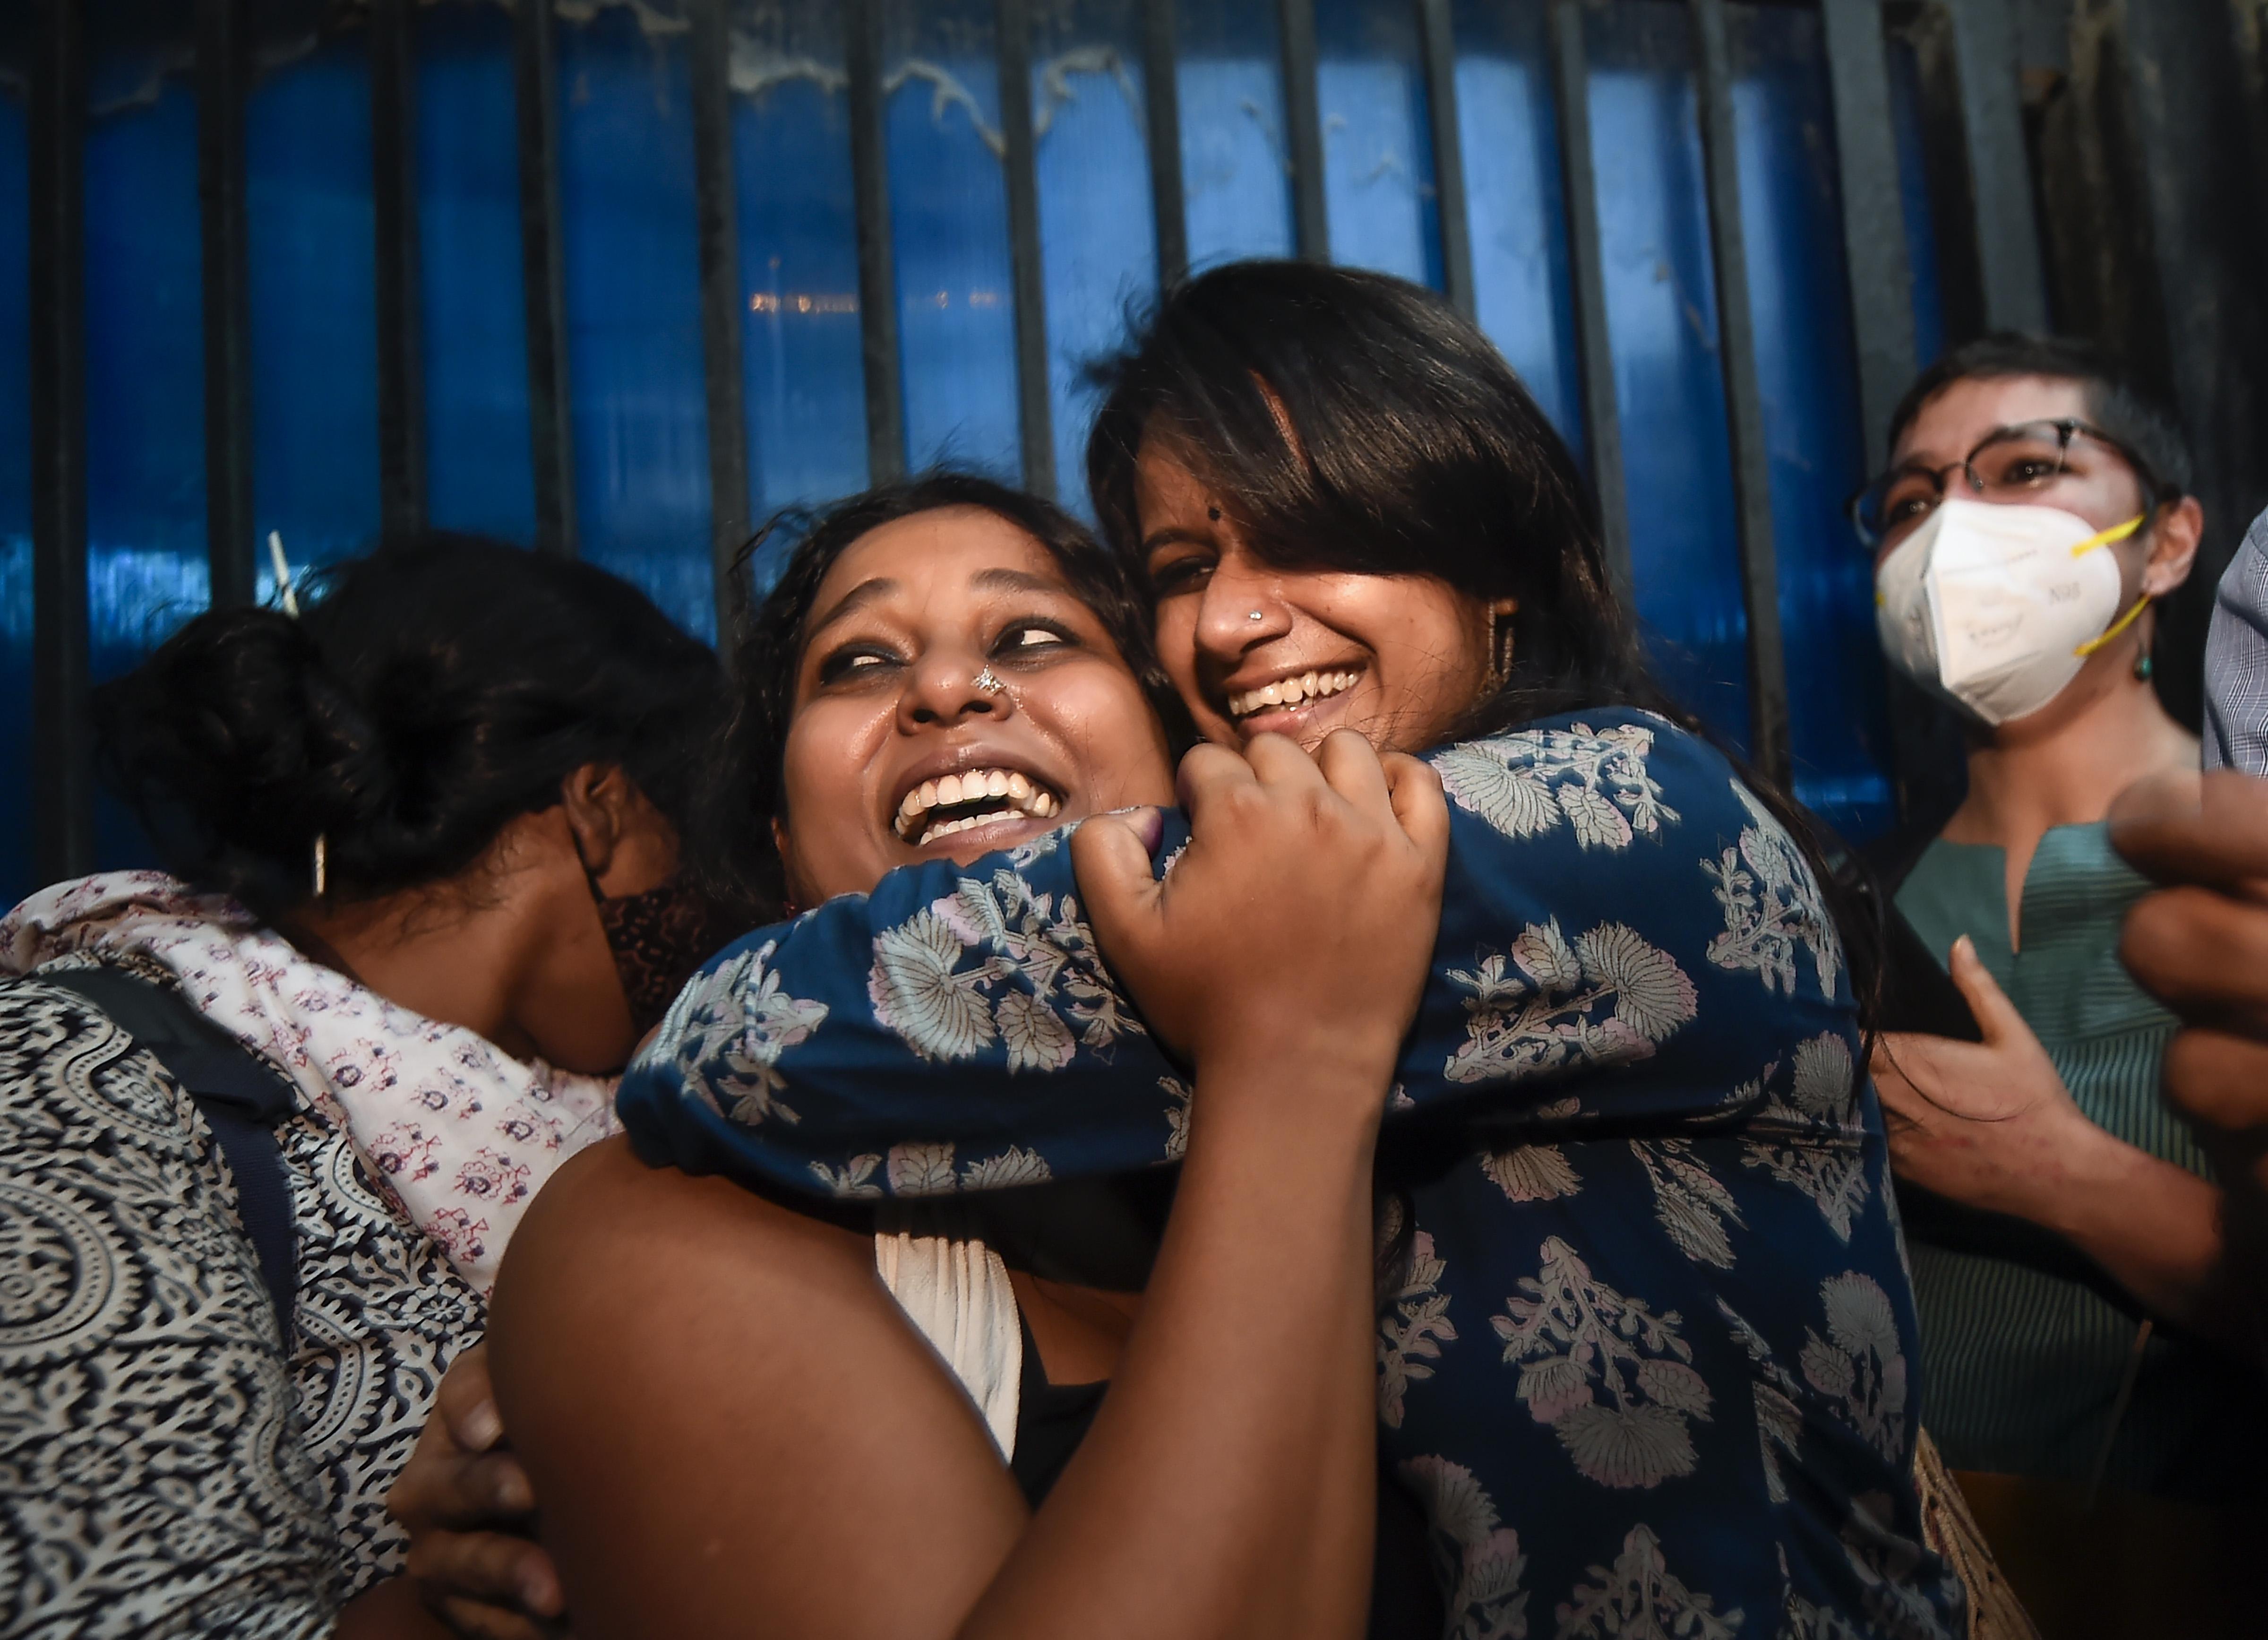 तिहाड़ जेल से बाहर आने के बाद देवांगना कालिता और नताशा नरवाल खुशी मनाते हुए।